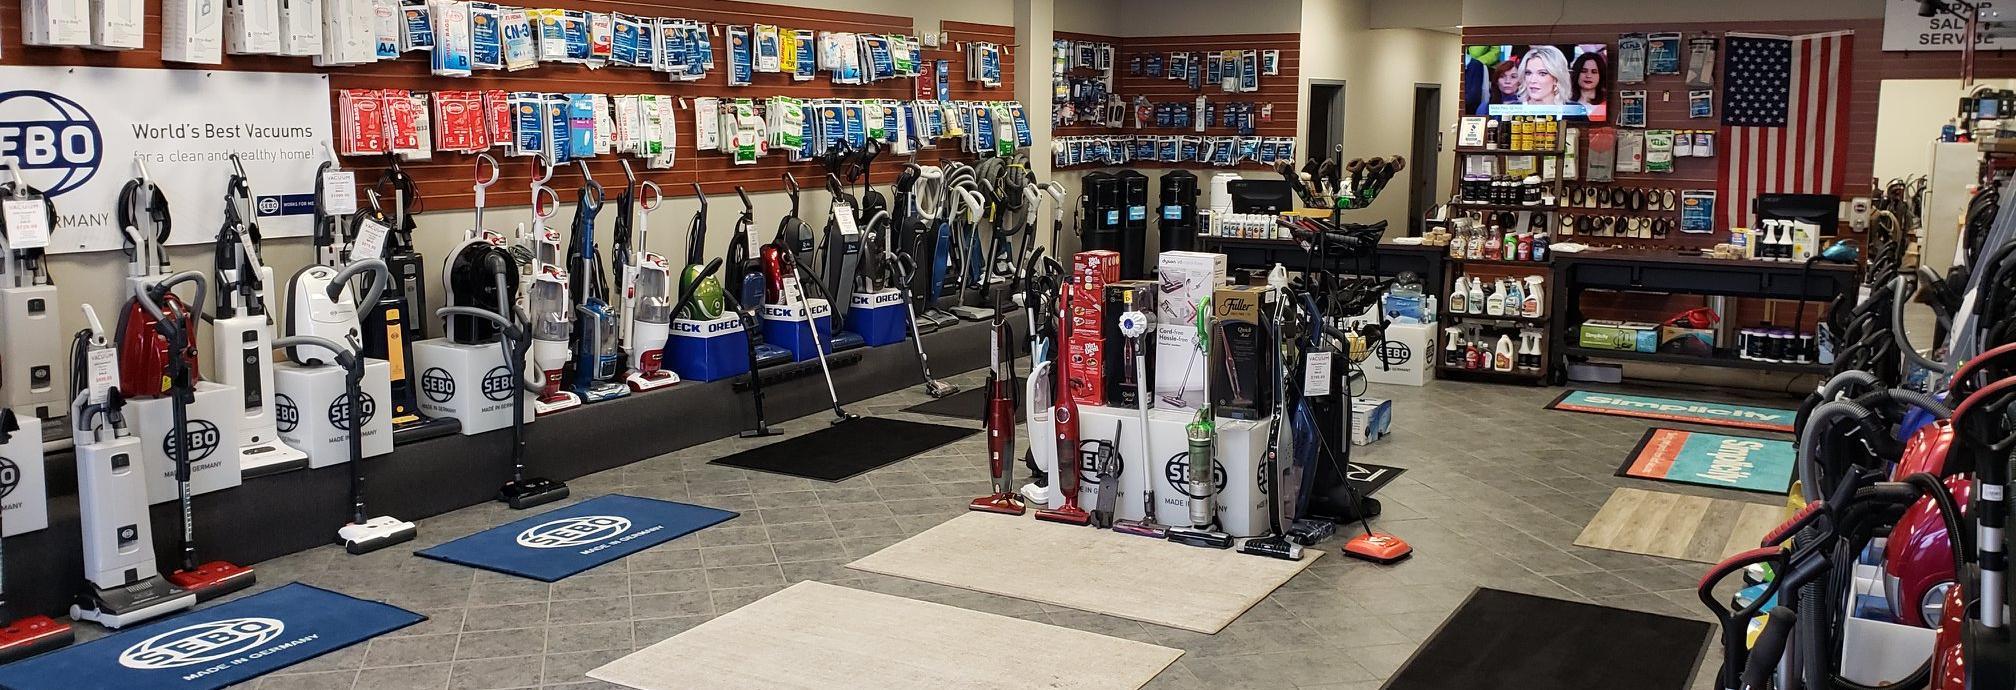 great lakes vacuum maumee sylvania ohio vacuum sales service parts repair